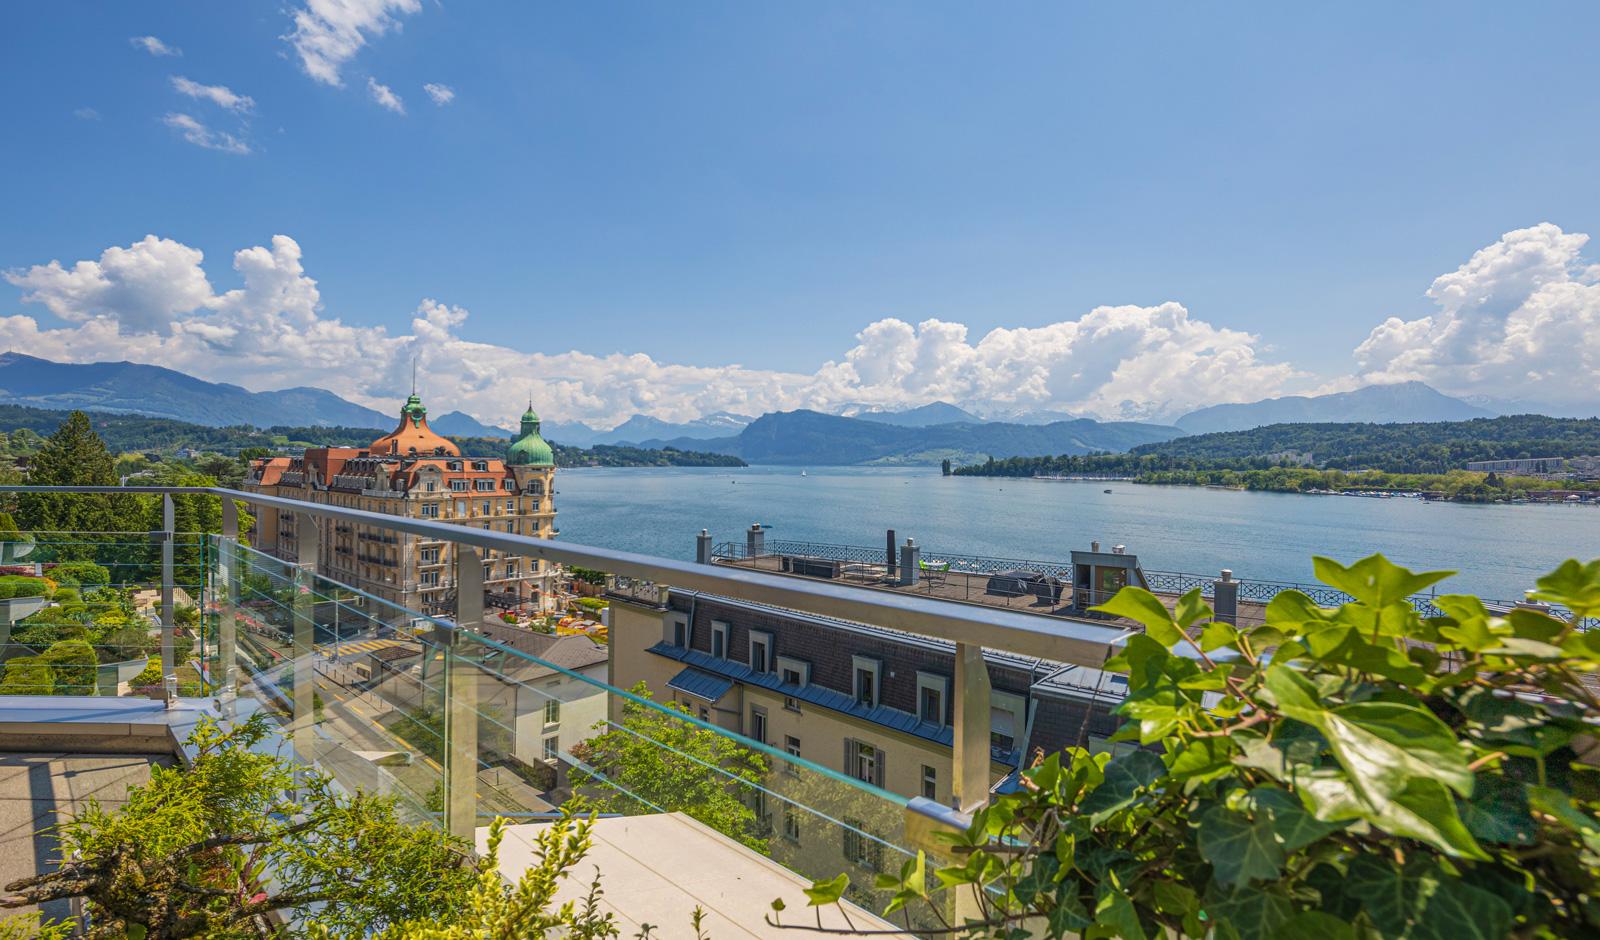 Erstklassige Lage in Luzern – geniessen Sie 180°-Panoramaaussicht